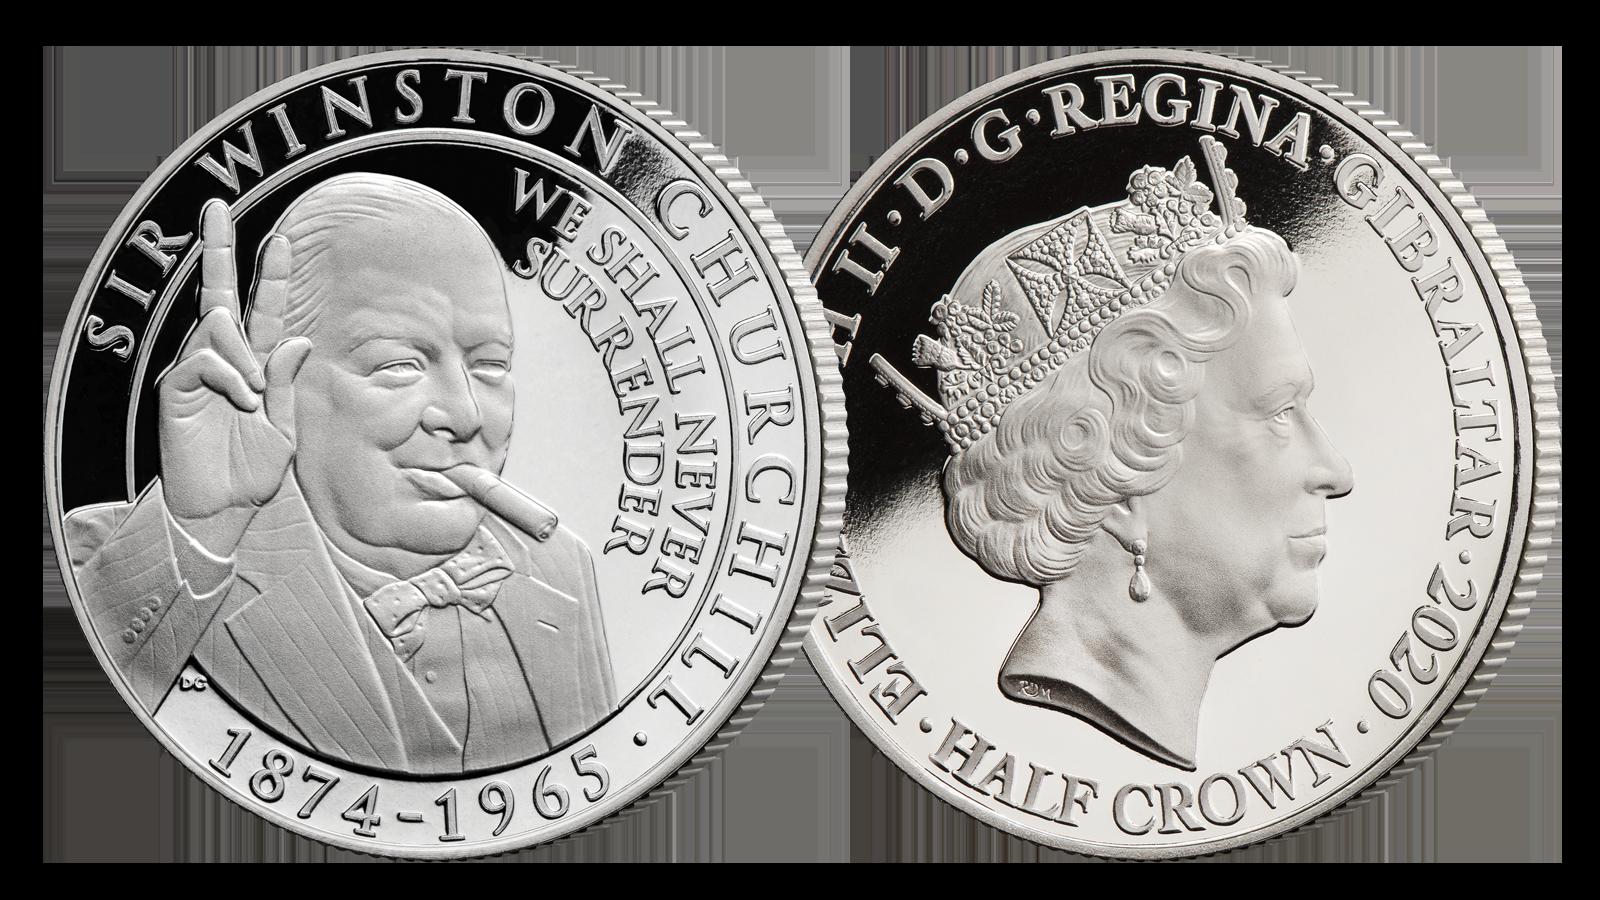 Churchill hedres på offisiell minnemynt